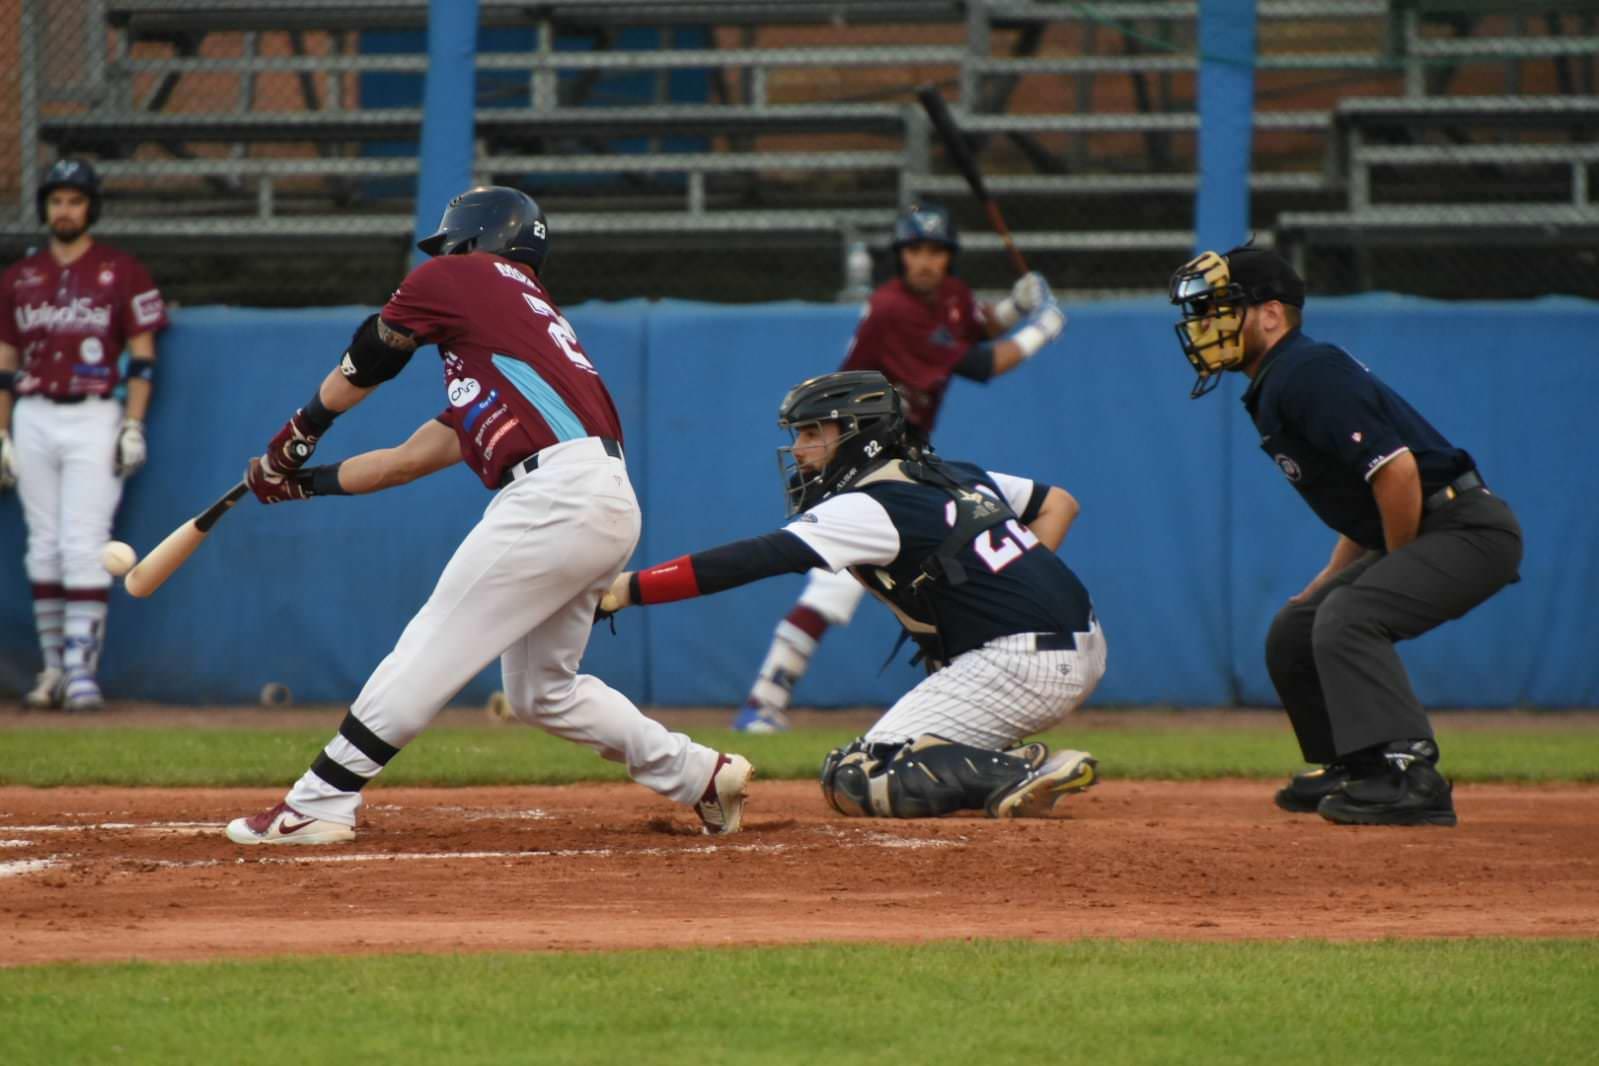 Baseball – La Fortitudo bissa il successo contro Nettuno anche in gara 2! - 1 Lug